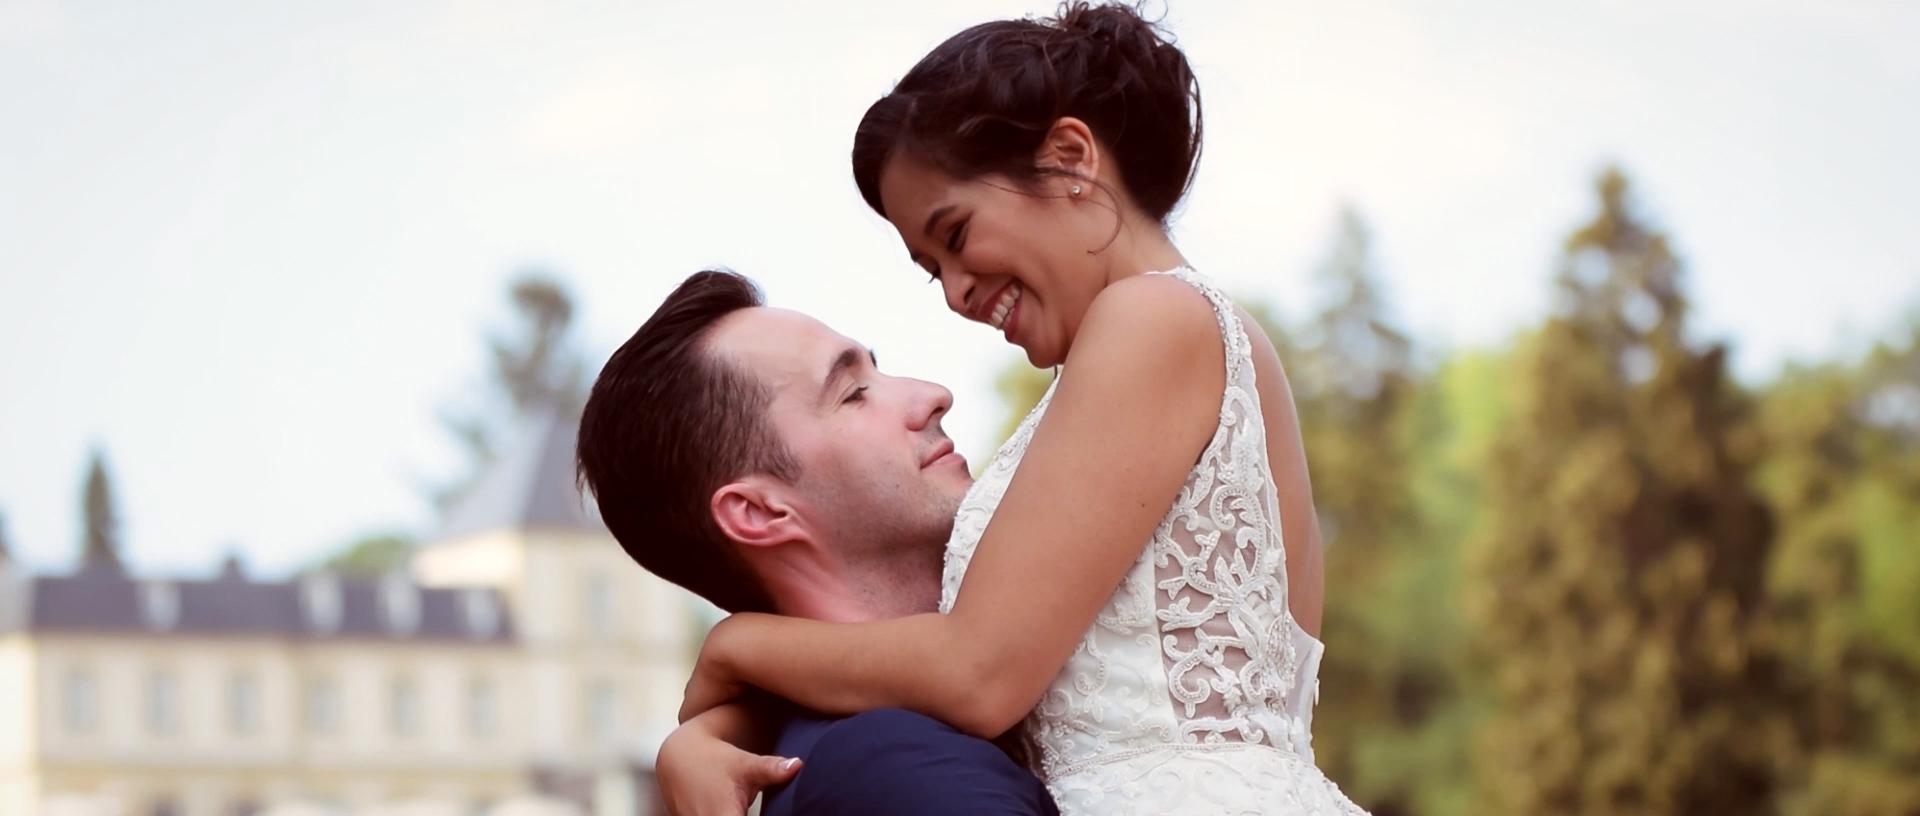 wedding - videographer - videaste mariage - belgique - chateau du bois arlon - Videaste Belgique - Luxembourg